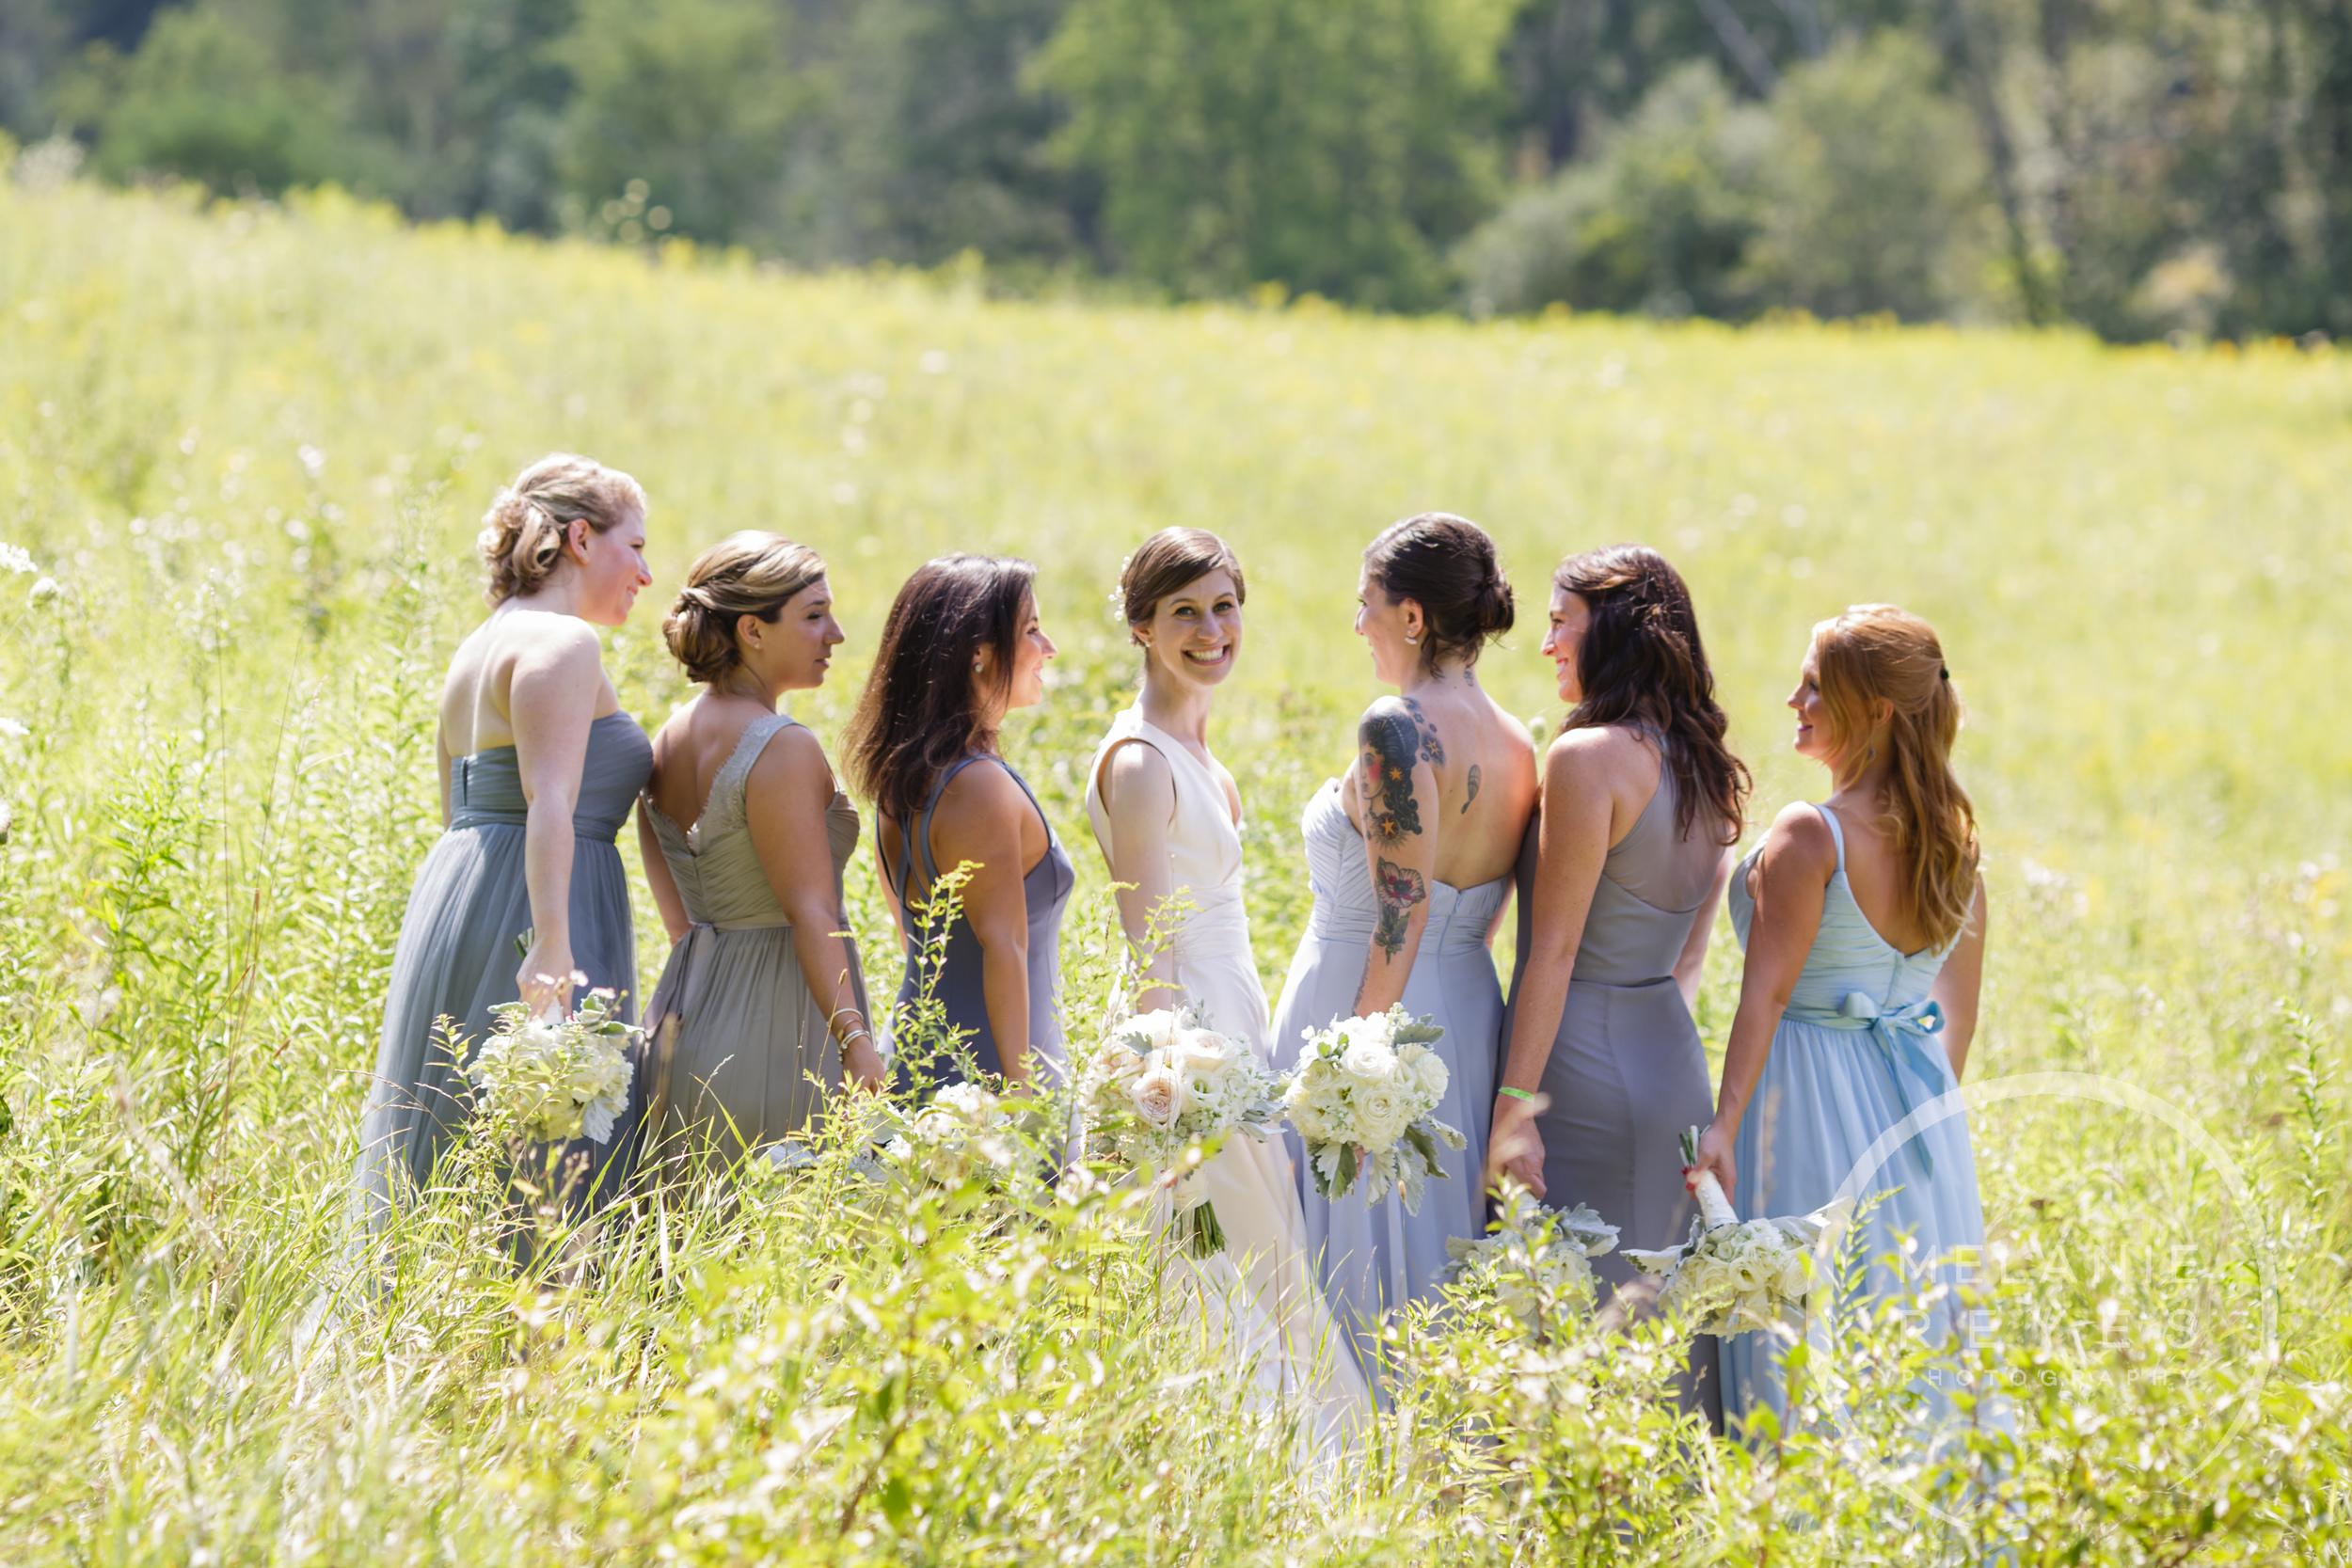 017_farm_wedding_melanie_reyes.JPG